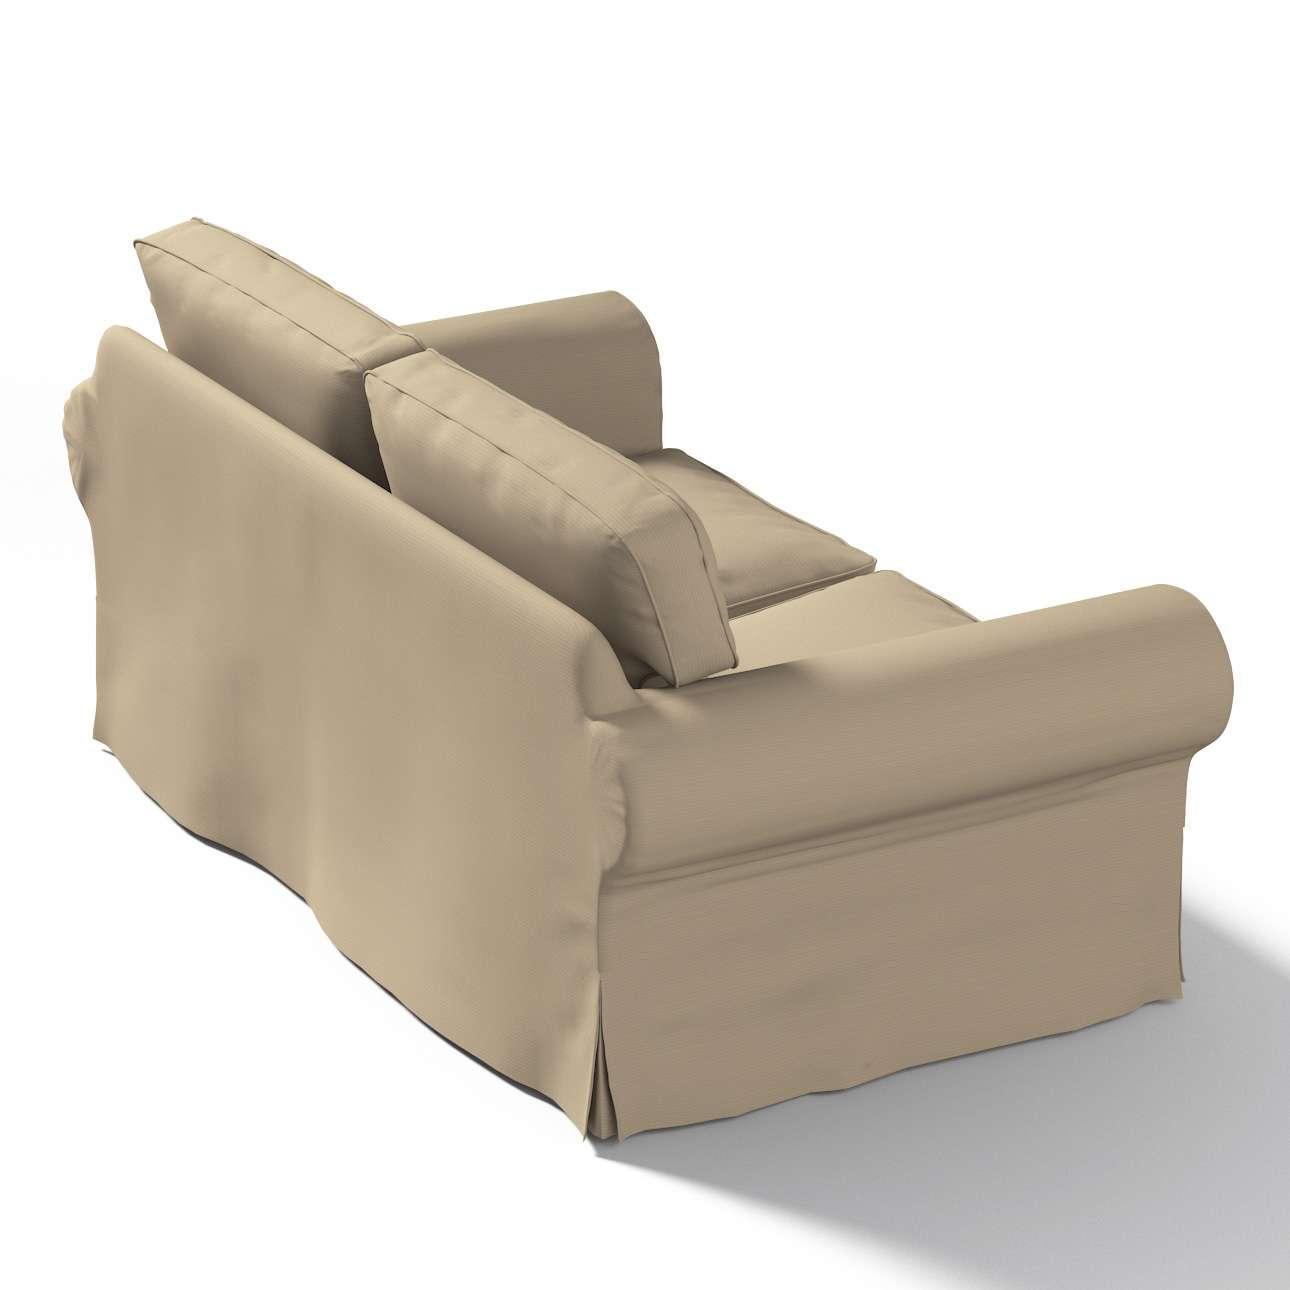 Ektorp dvivietės sofos užvalkalas Ektorp dvivietės sofos užvalkalas kolekcijoje Cotton Panama, audinys: 702-28